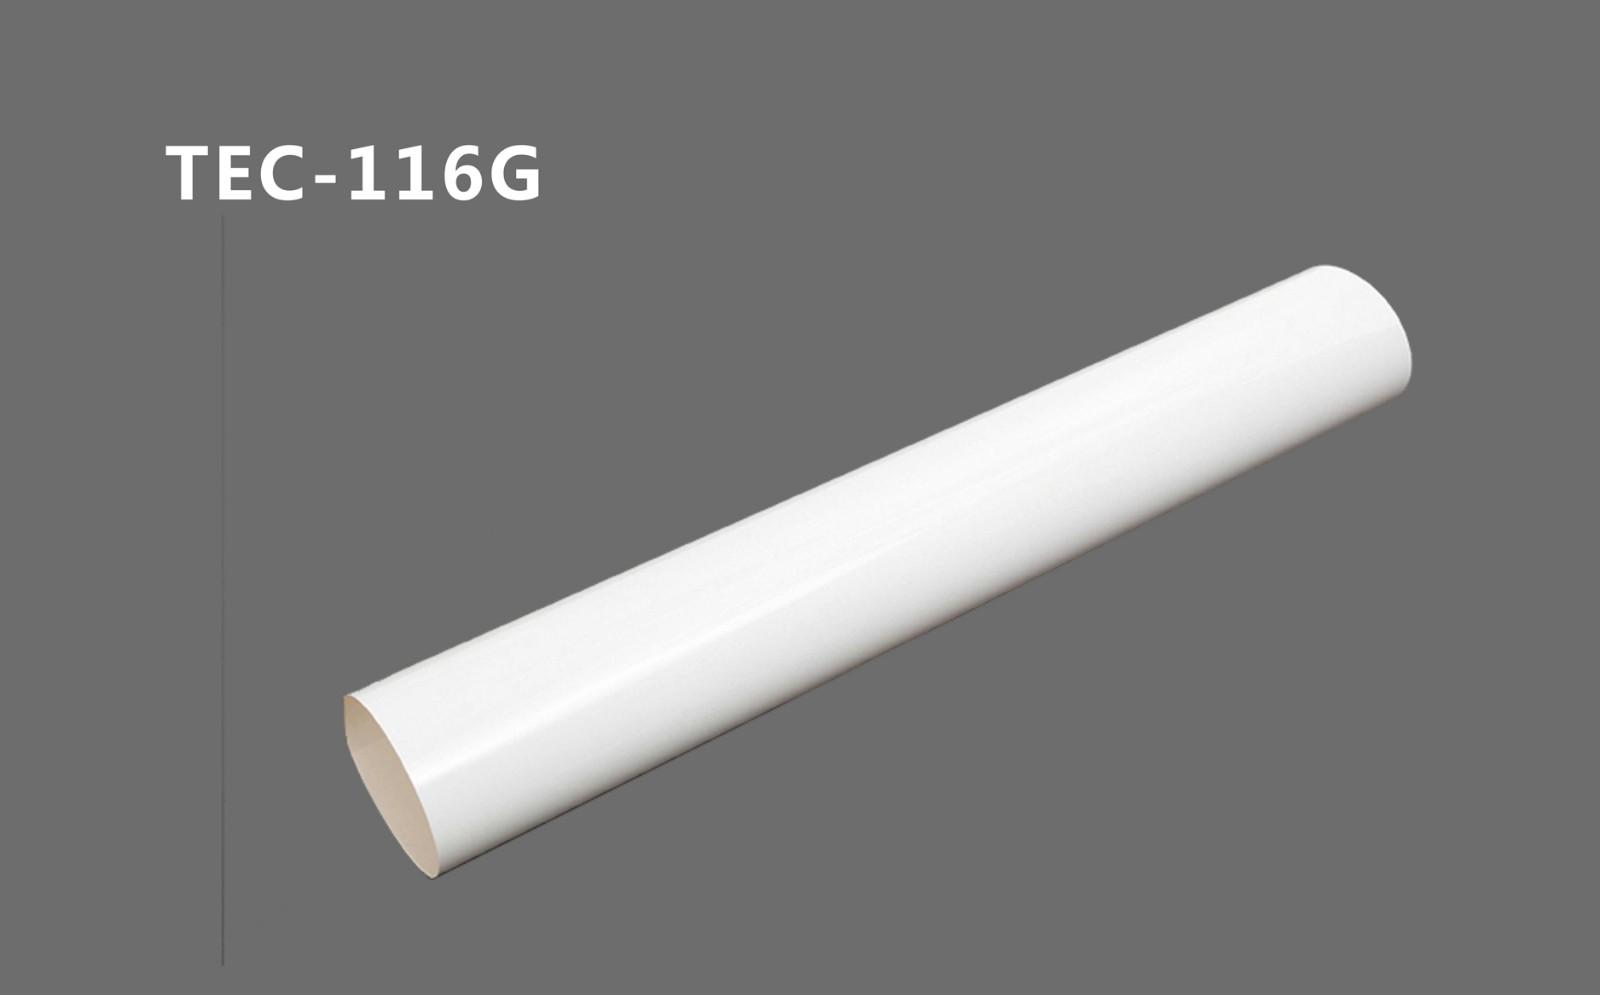 TEC-116G